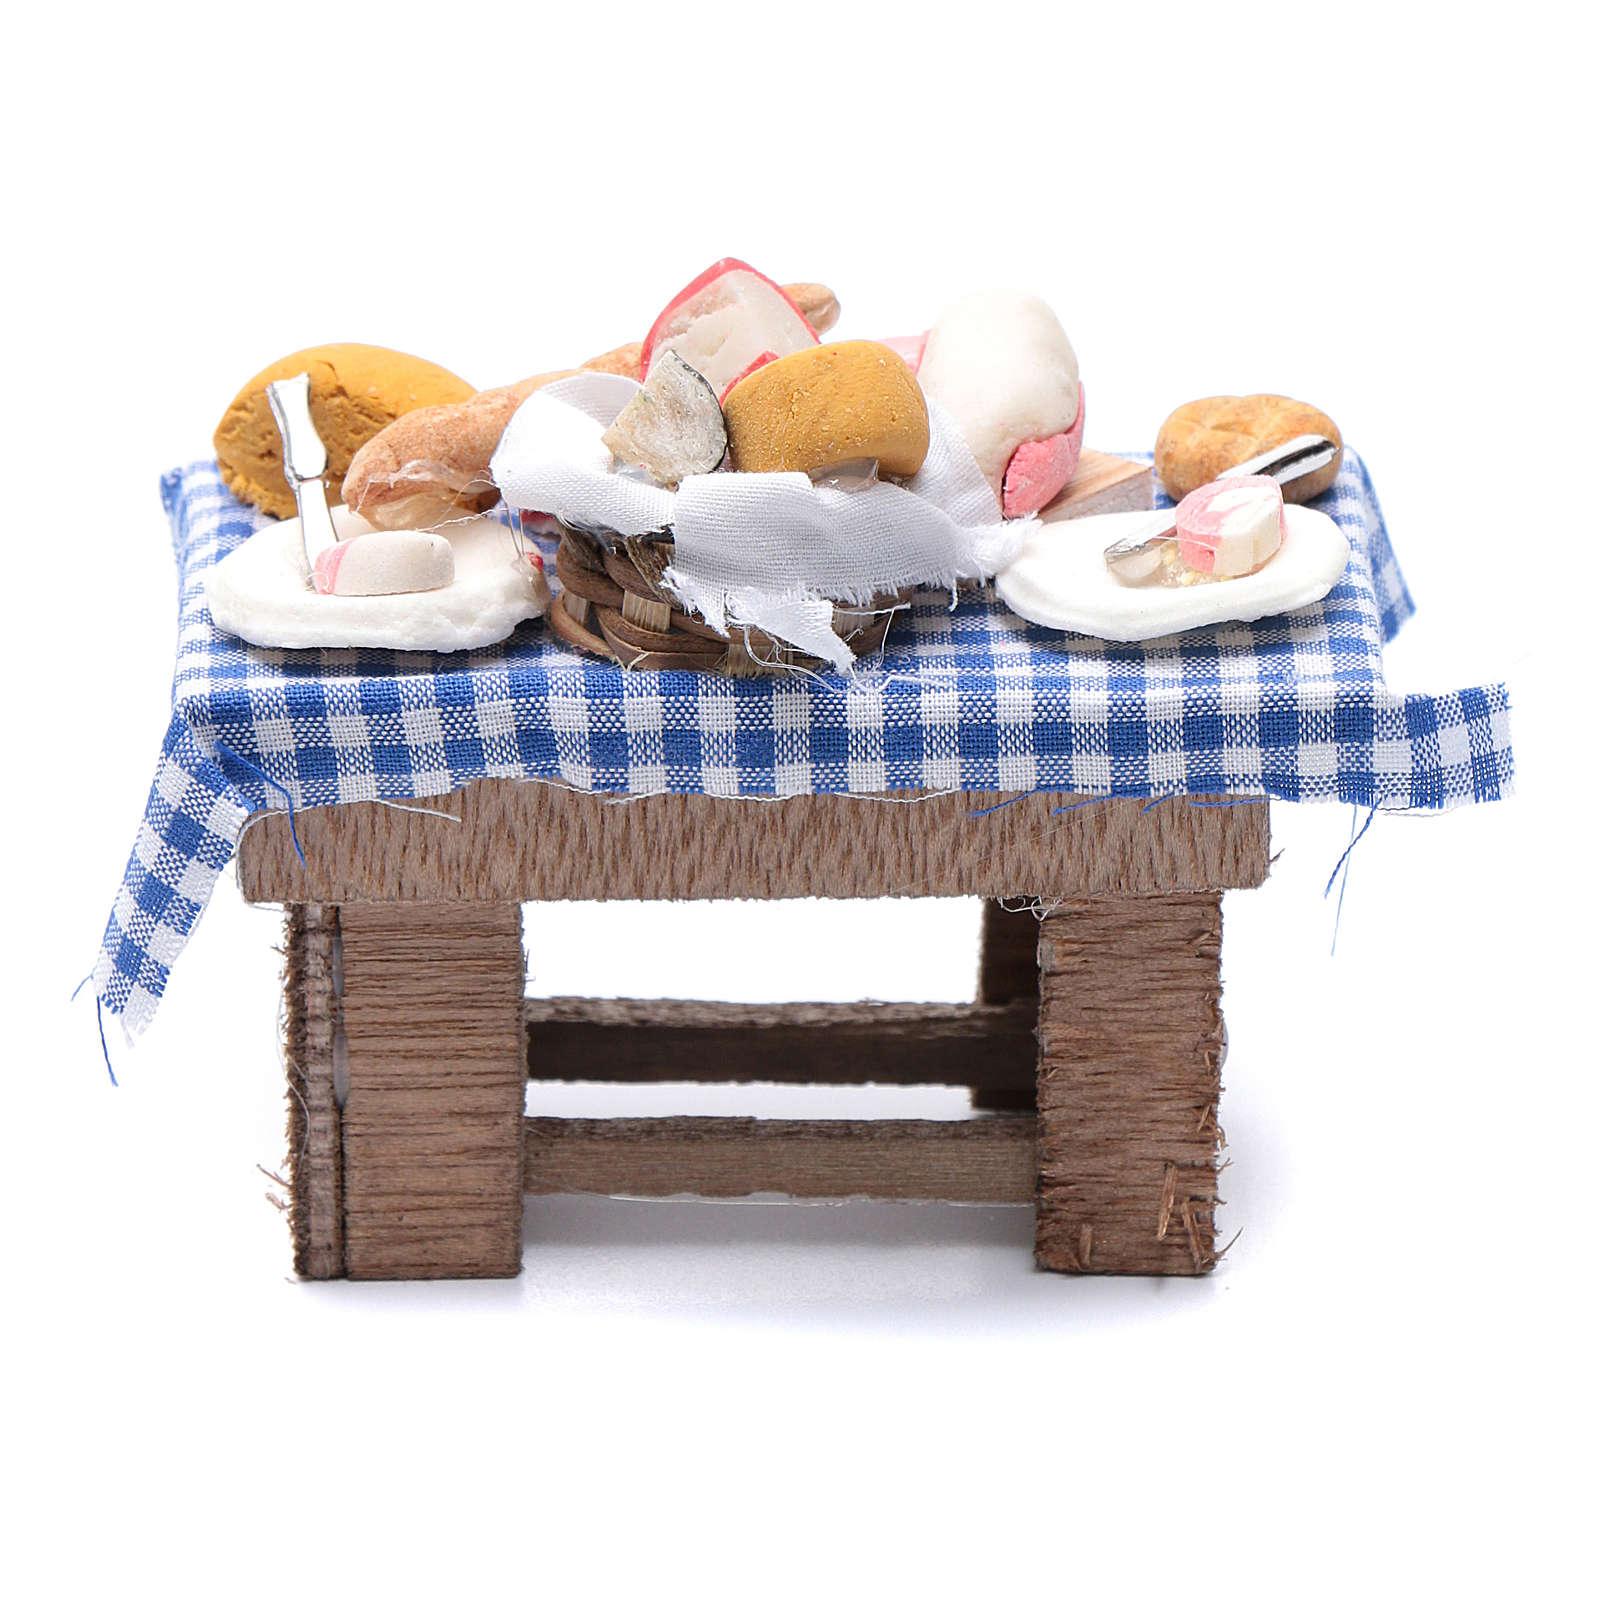 Tavolo con formaggi e carni 10x10x5 cm presepe Napoli 4